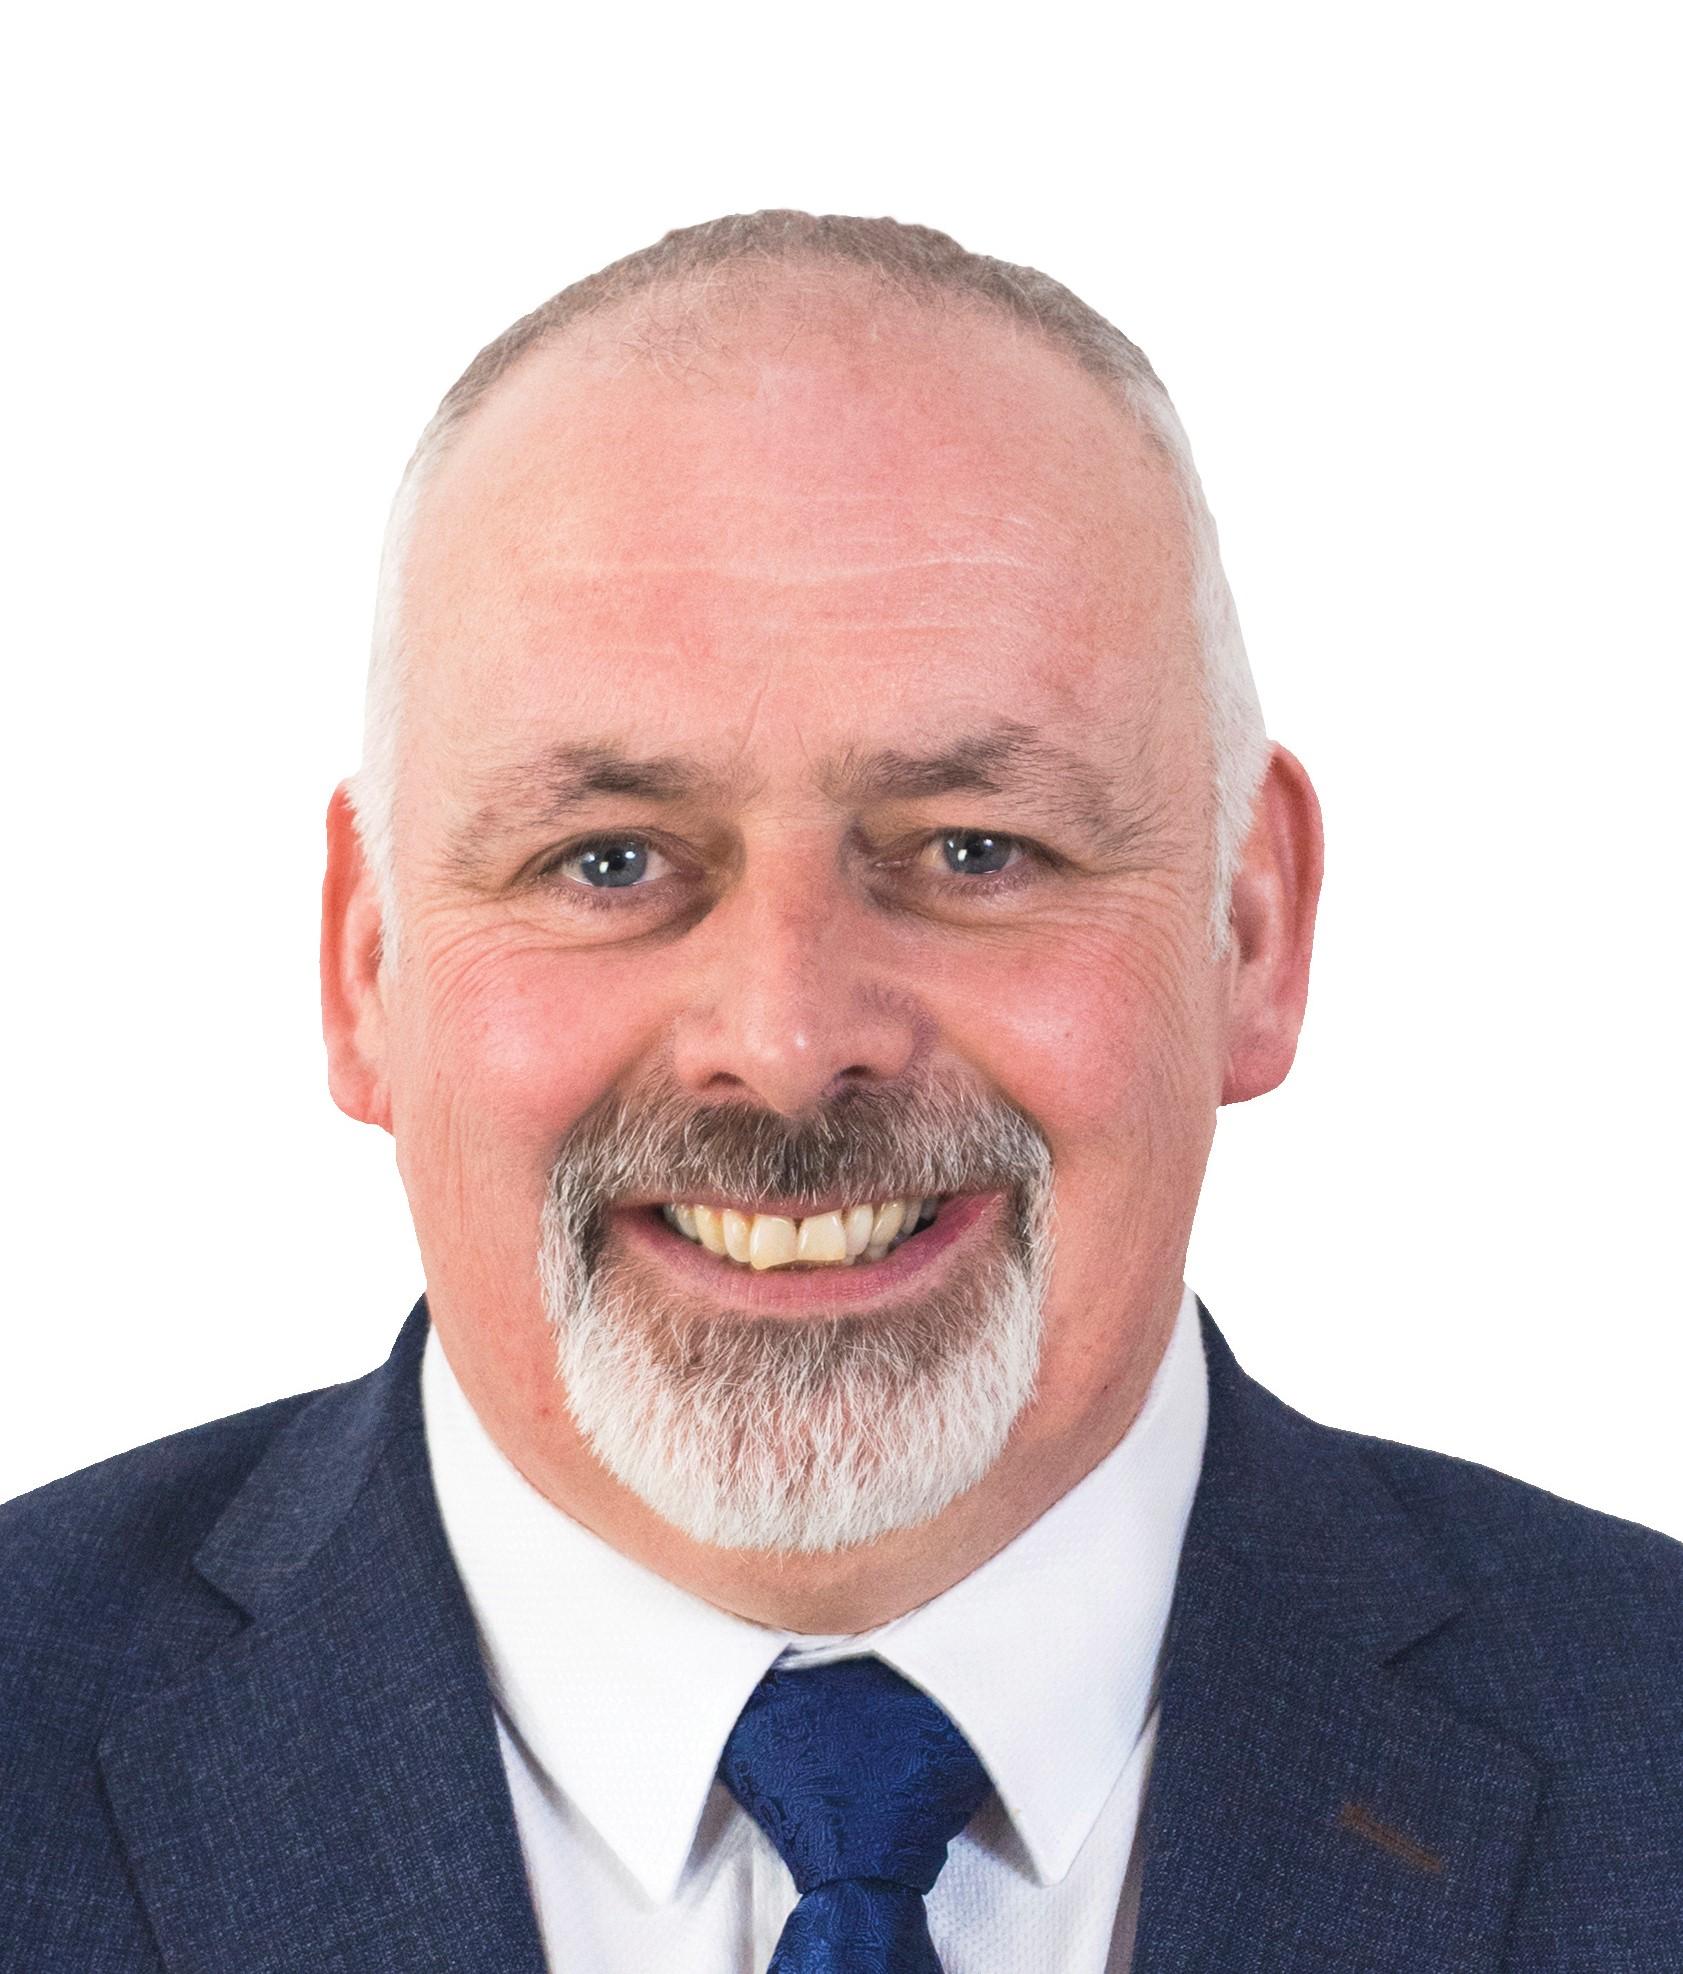 Cllr Peter Keaveney